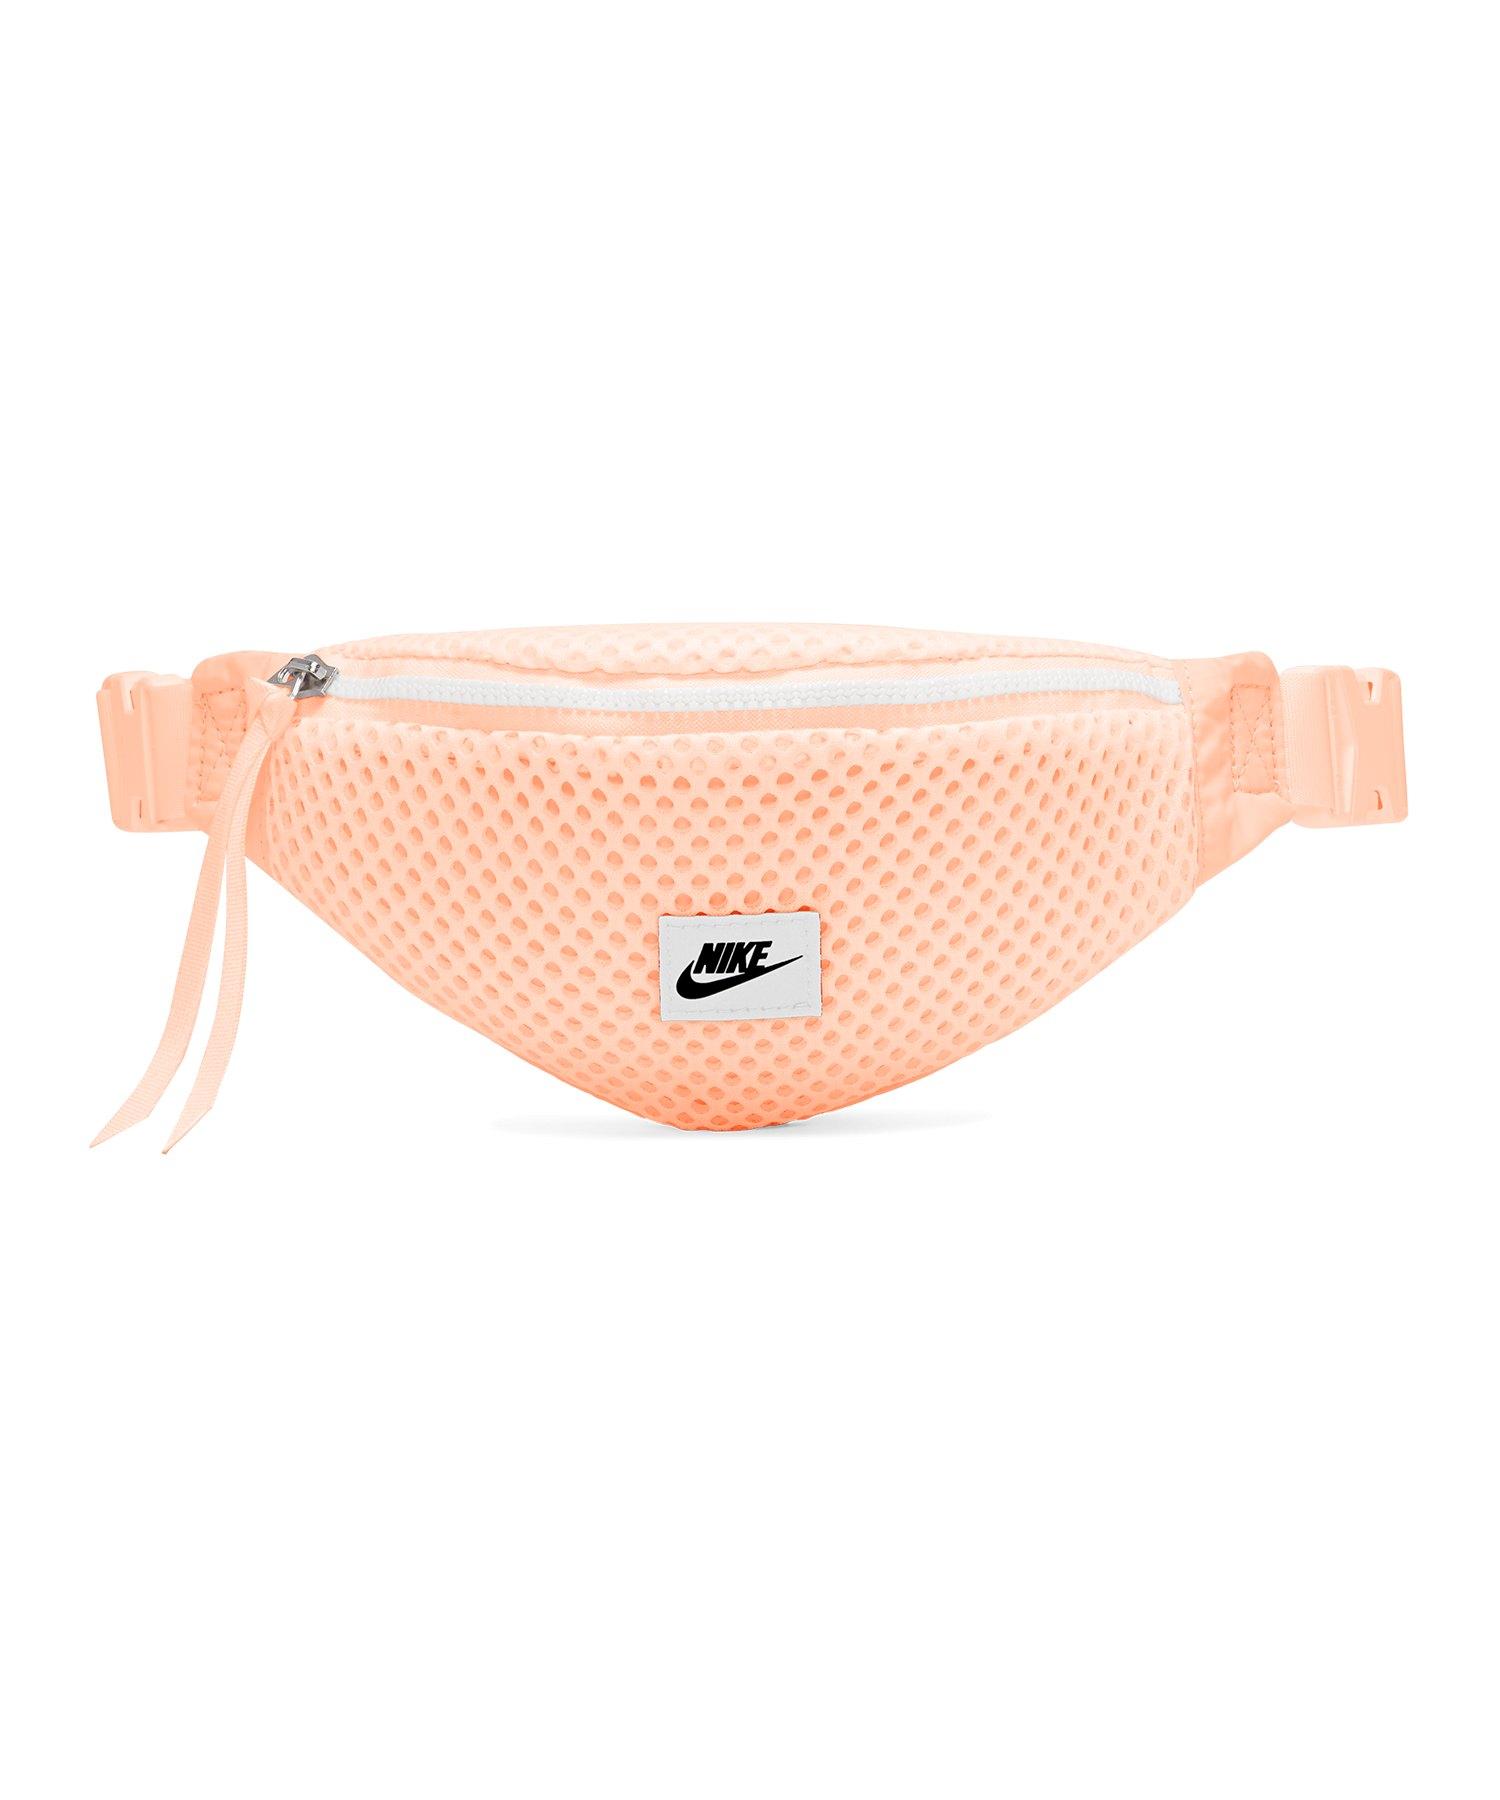 Nike Air Waist Pack Hüfttasche Rosa F664 - rosa